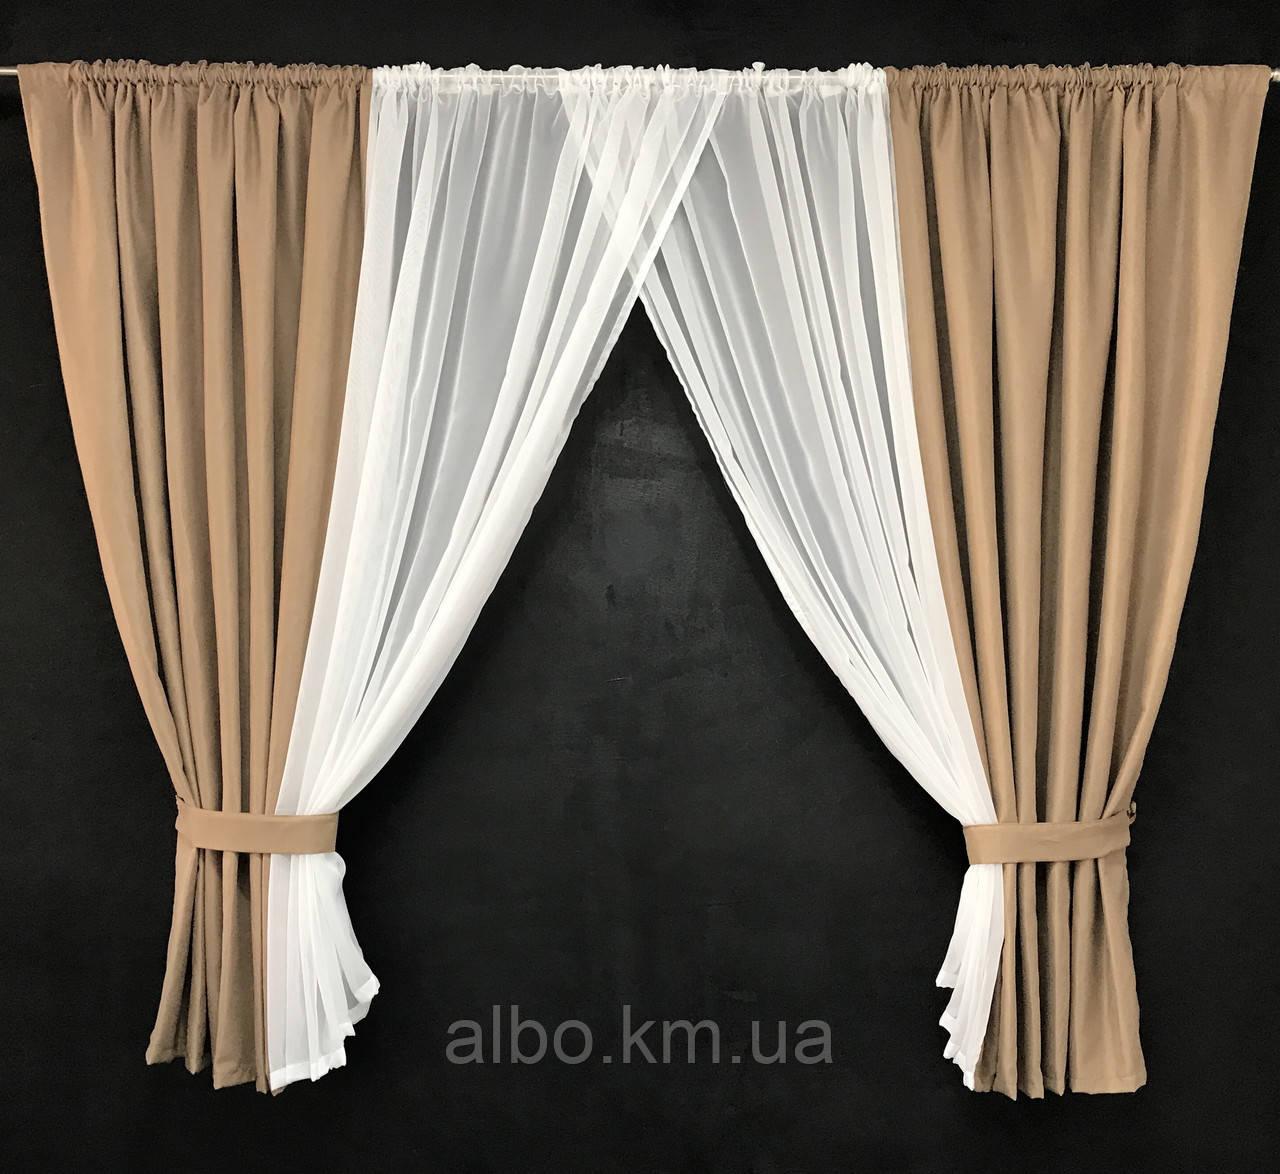 Занавески и шторы в комнату, занавеска из шифона для спальни, гардины в спальню кухню детскую ALBO 400x180 cm